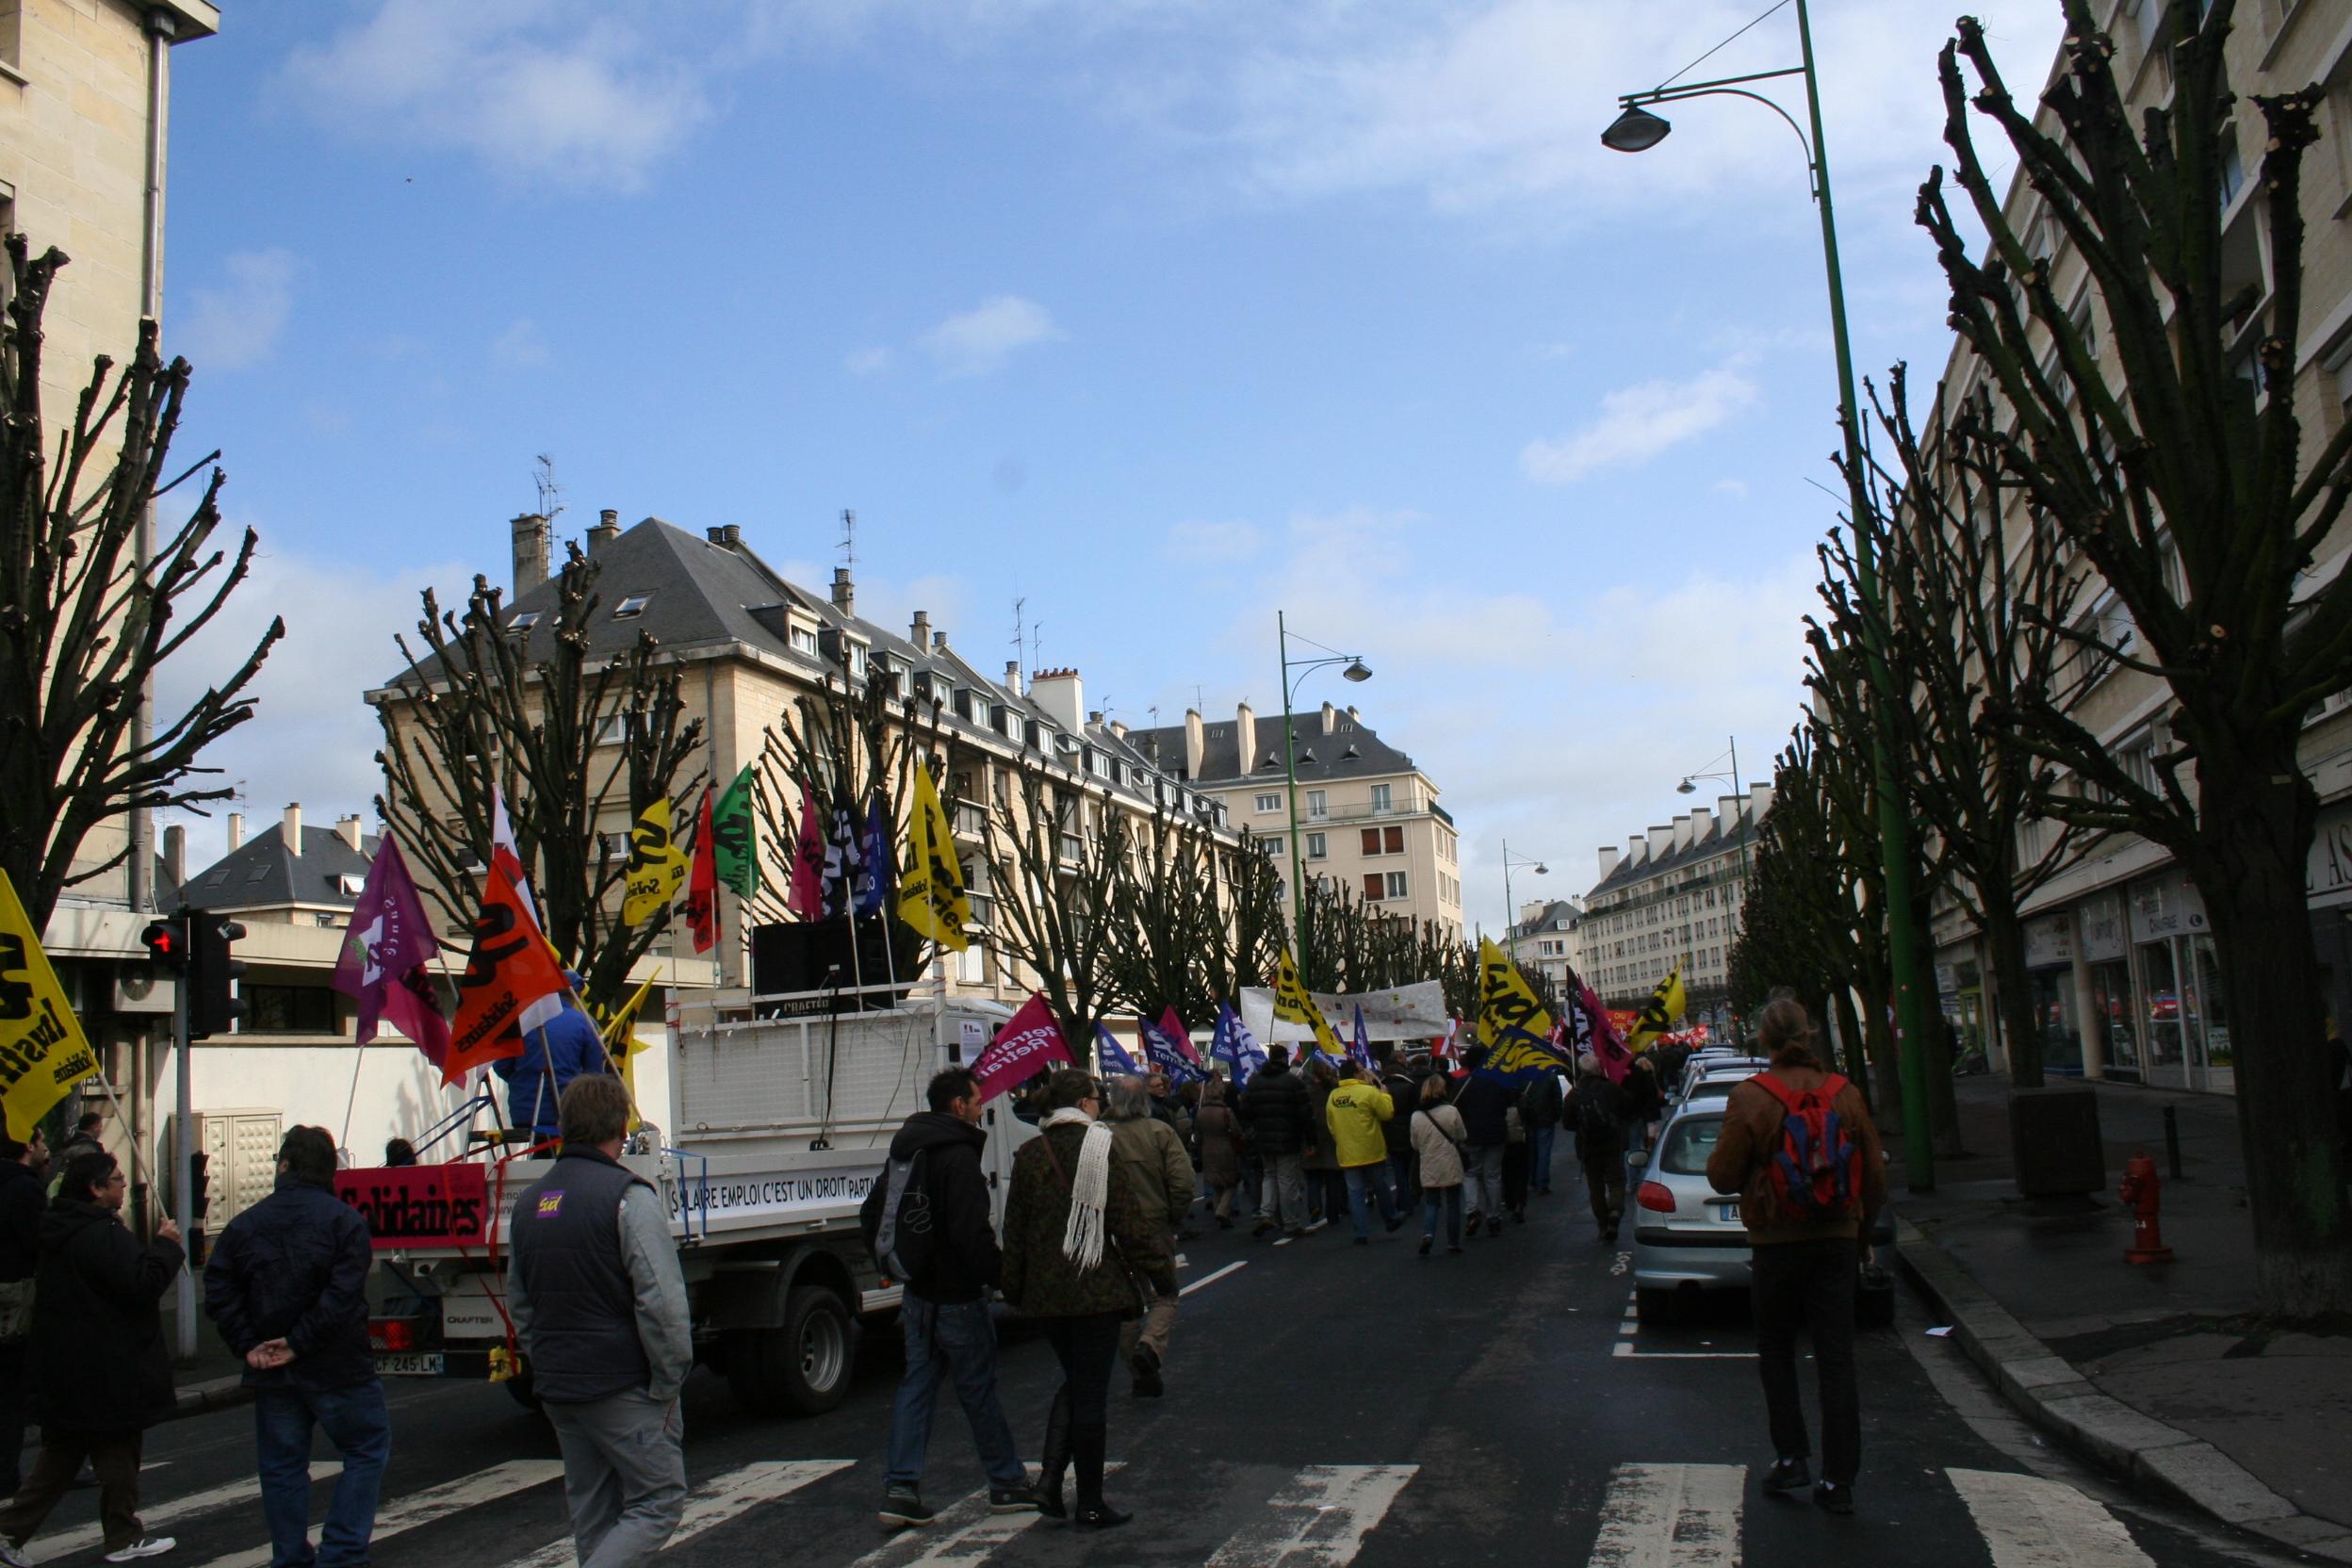 Le 9 avril caen les manifestants demandent le retrait for Ico travailleur com ikea